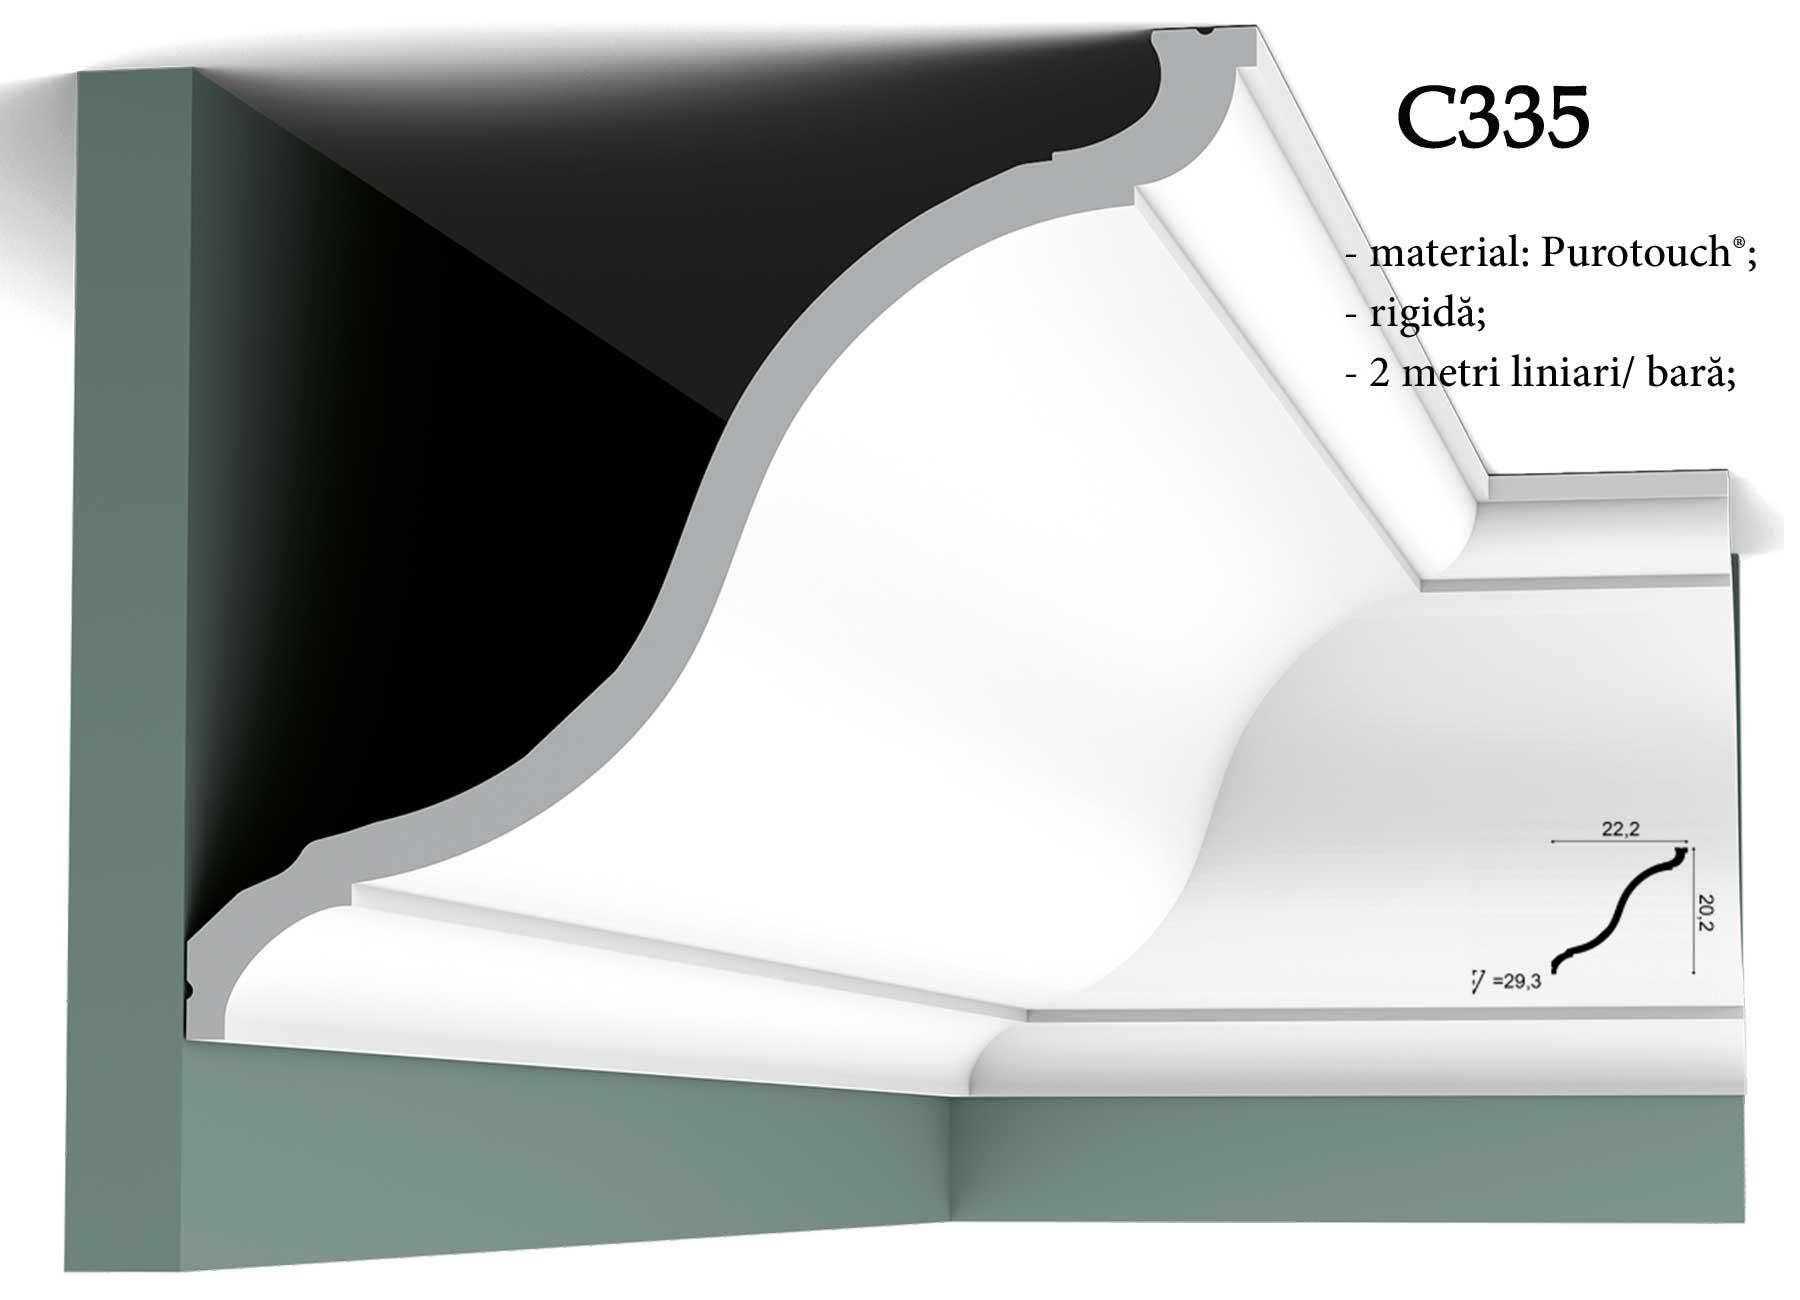 Bagheta decor tavan Orac Decor C335